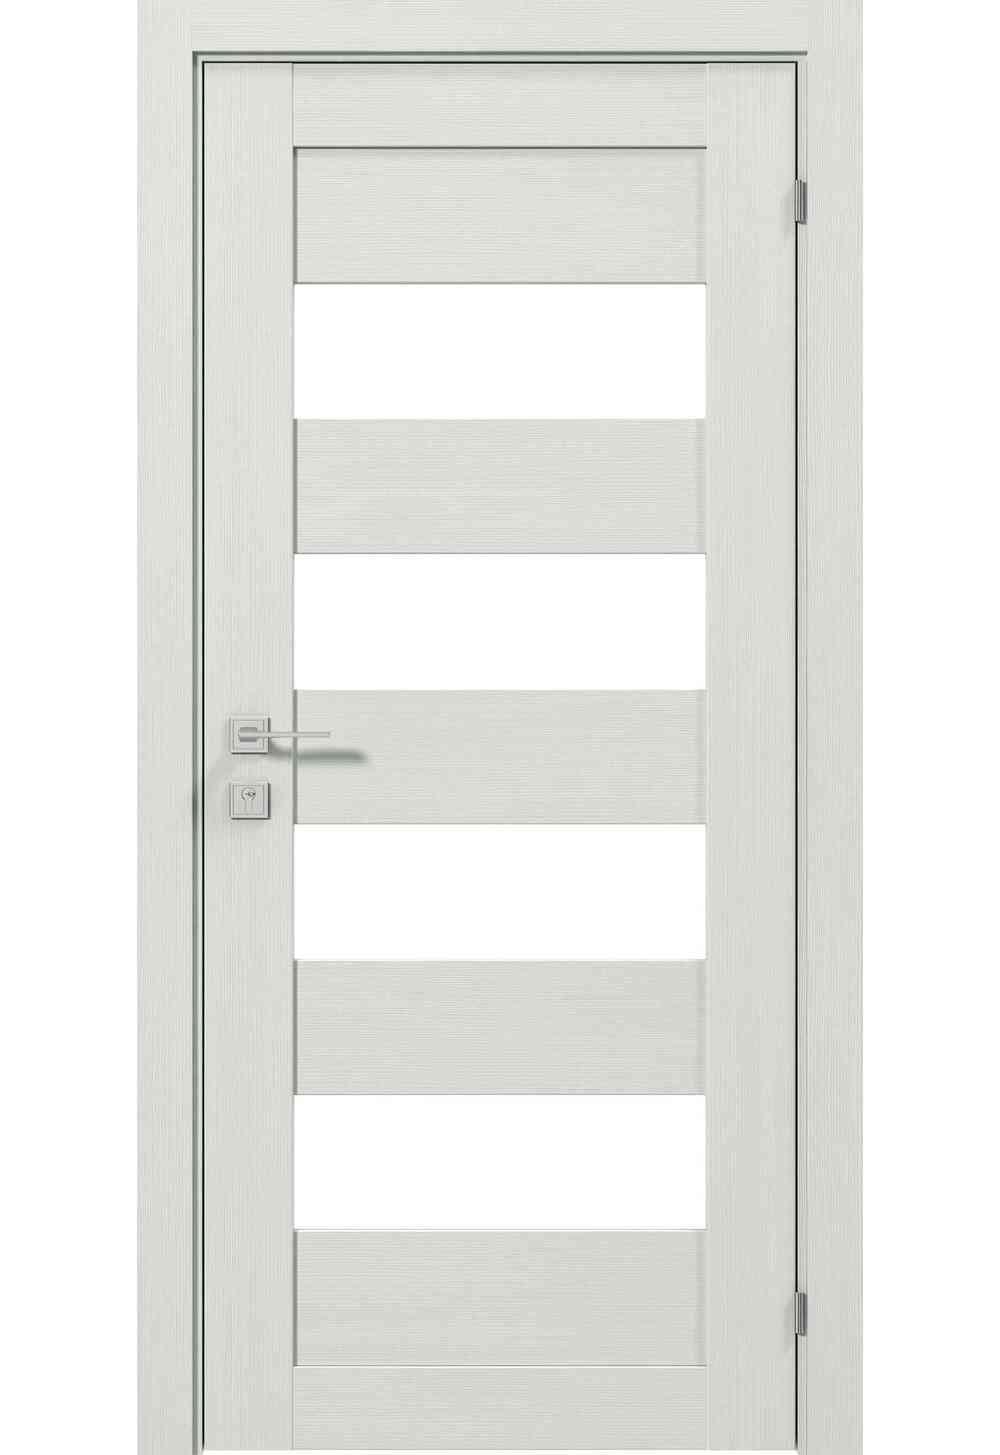 Купити Двері міжкімнатні RODOS MODERN Milano півскло /Акація темна/, 900x2000